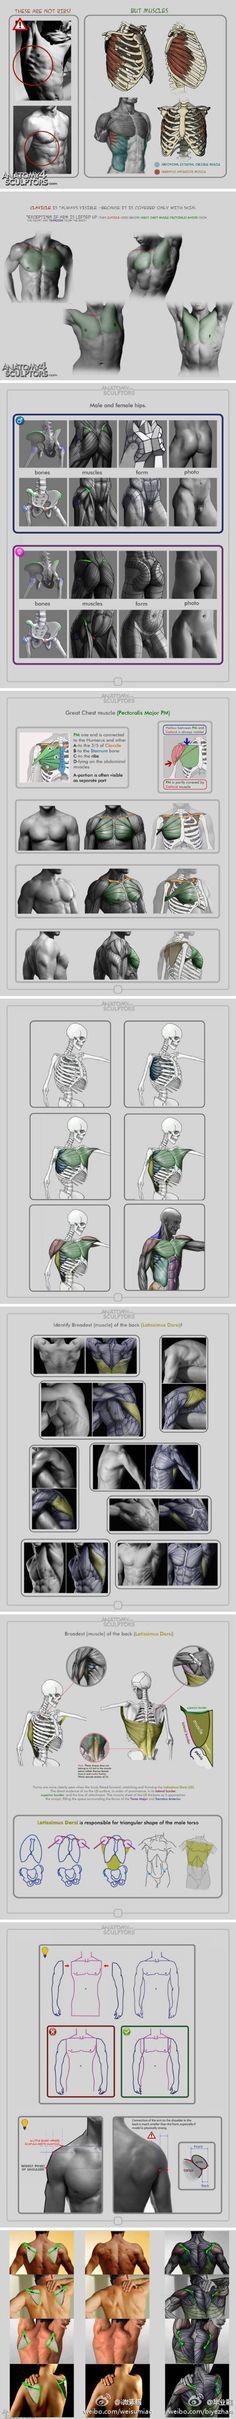 掌握解剖学知识常常是艺术家理解并诠释人体...@有梦想的小2B采集到人体基础(18图)_花瓣人文艺术